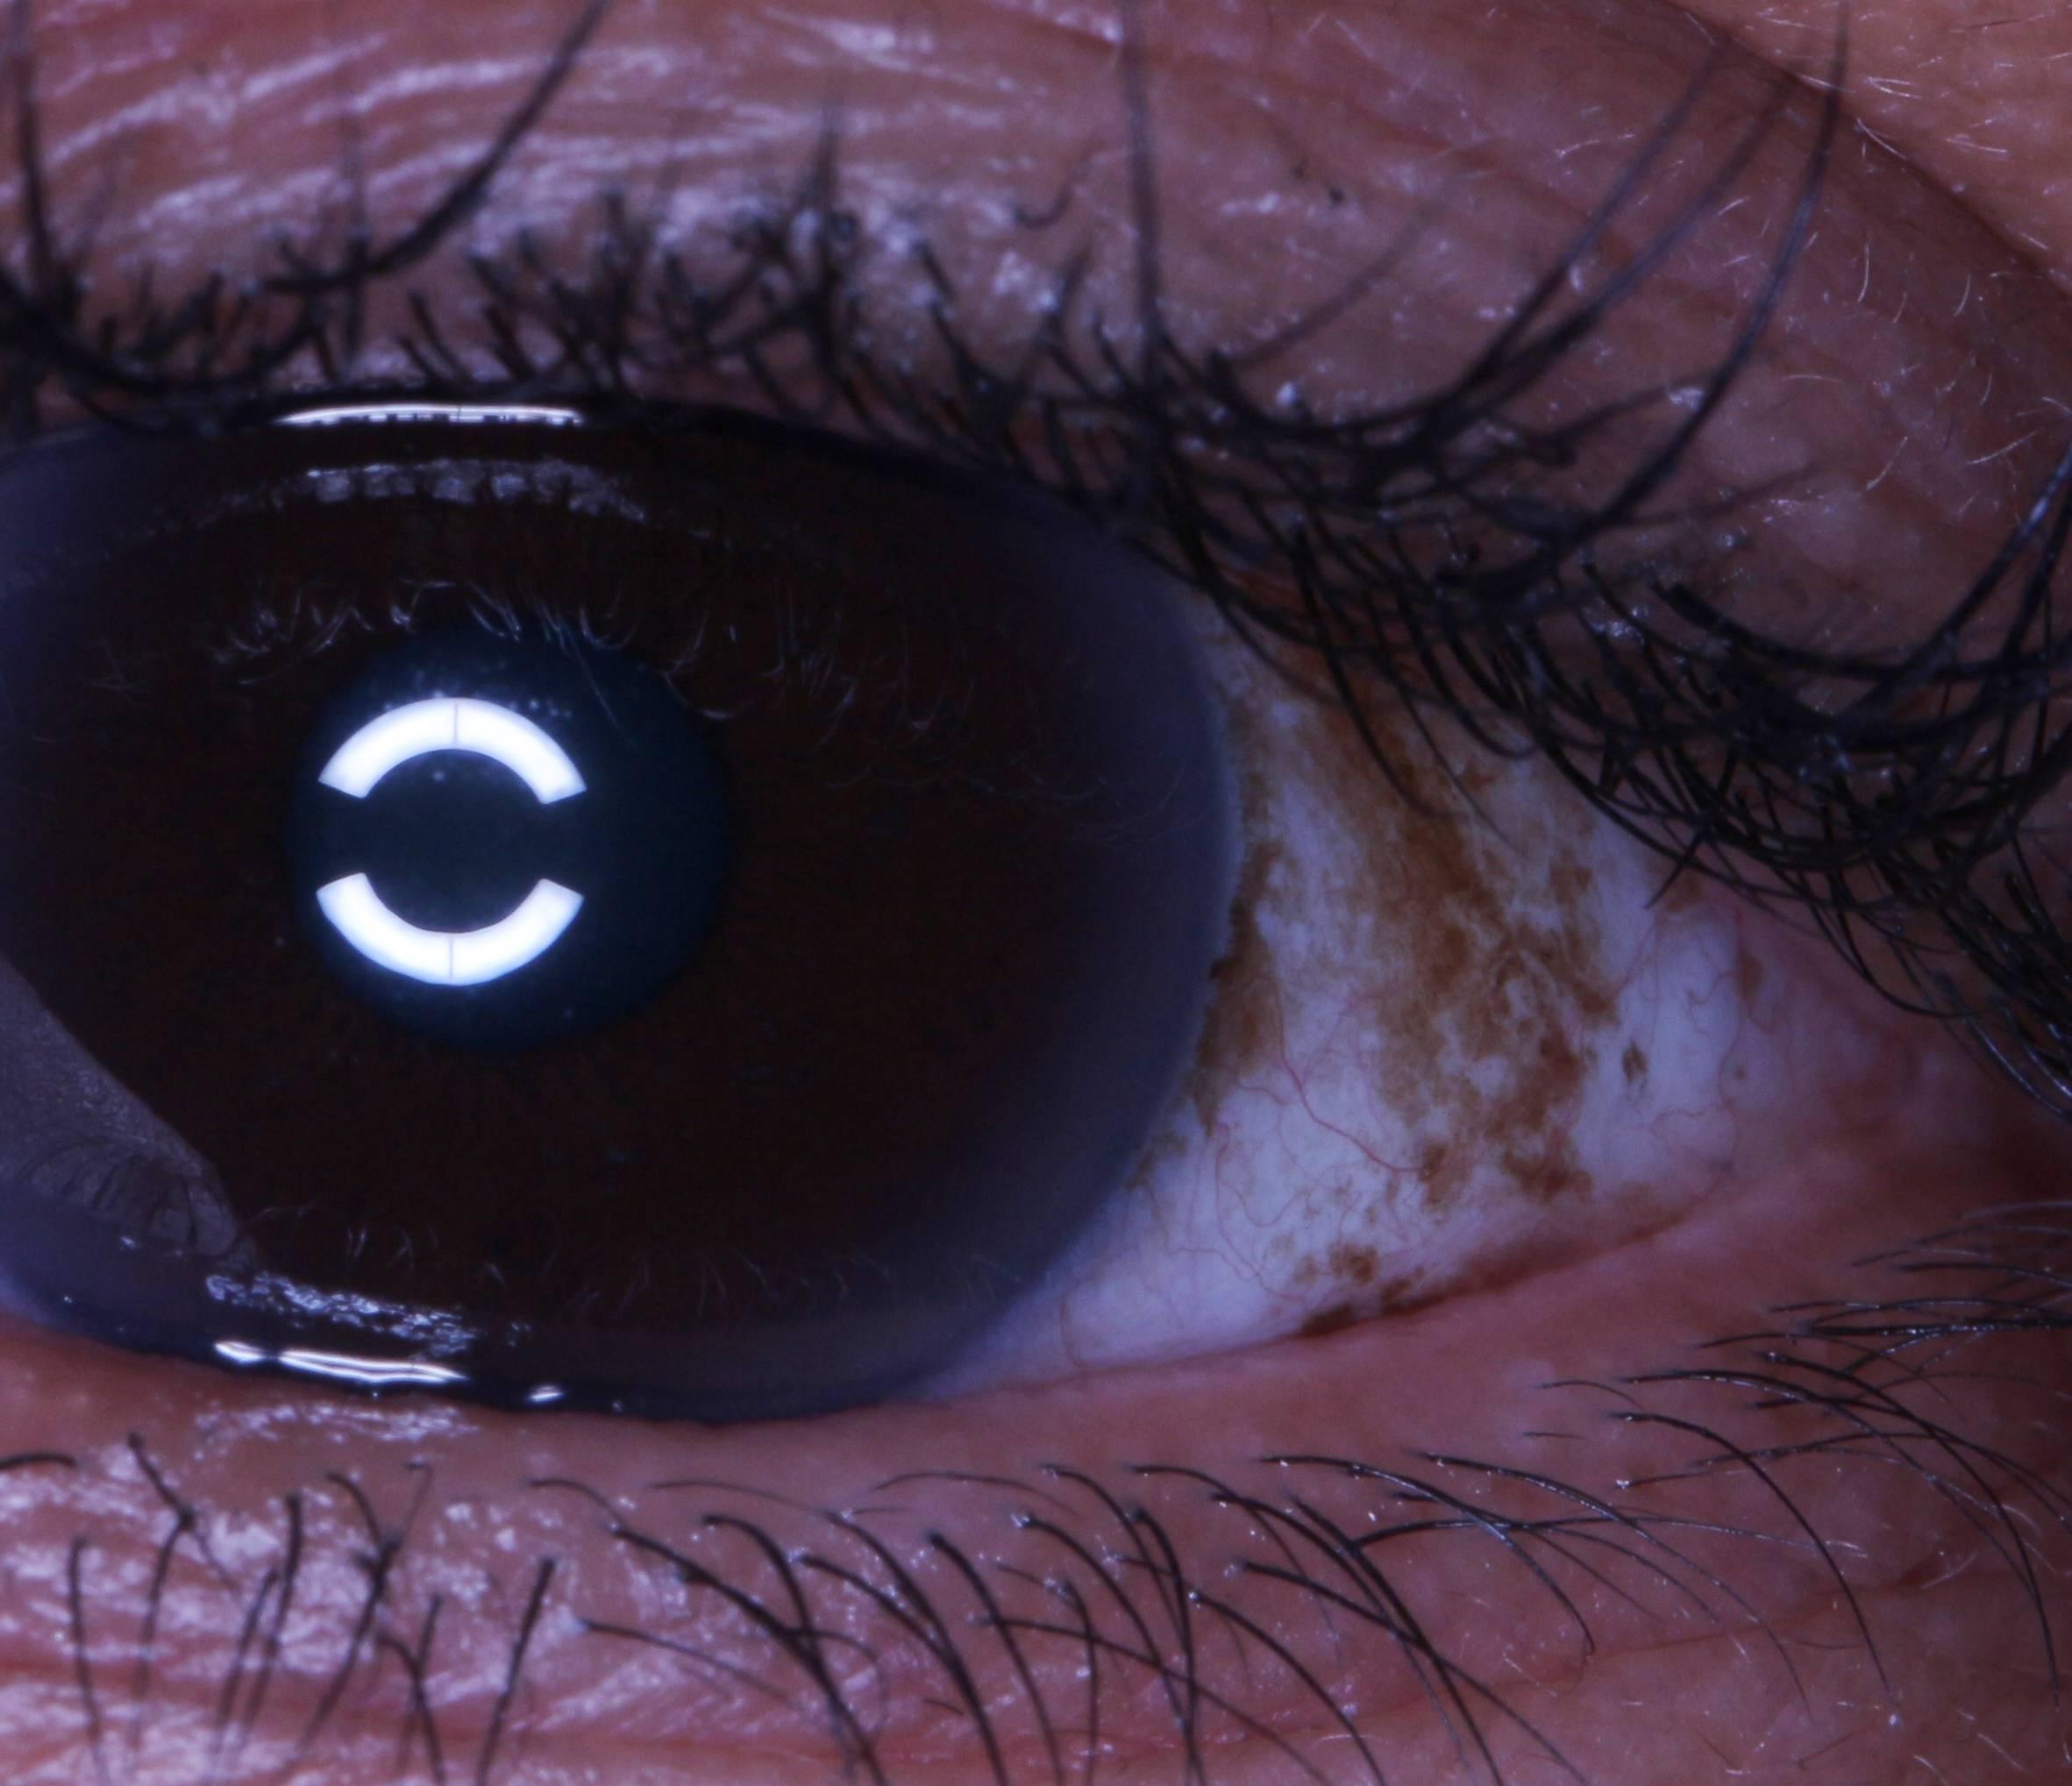 """Пингвекула глаза и её эффективное лечение (капли и операция по удалению) - moscoweyes.ru - сайт офтальмологического центра """"мгк-диагностик"""""""